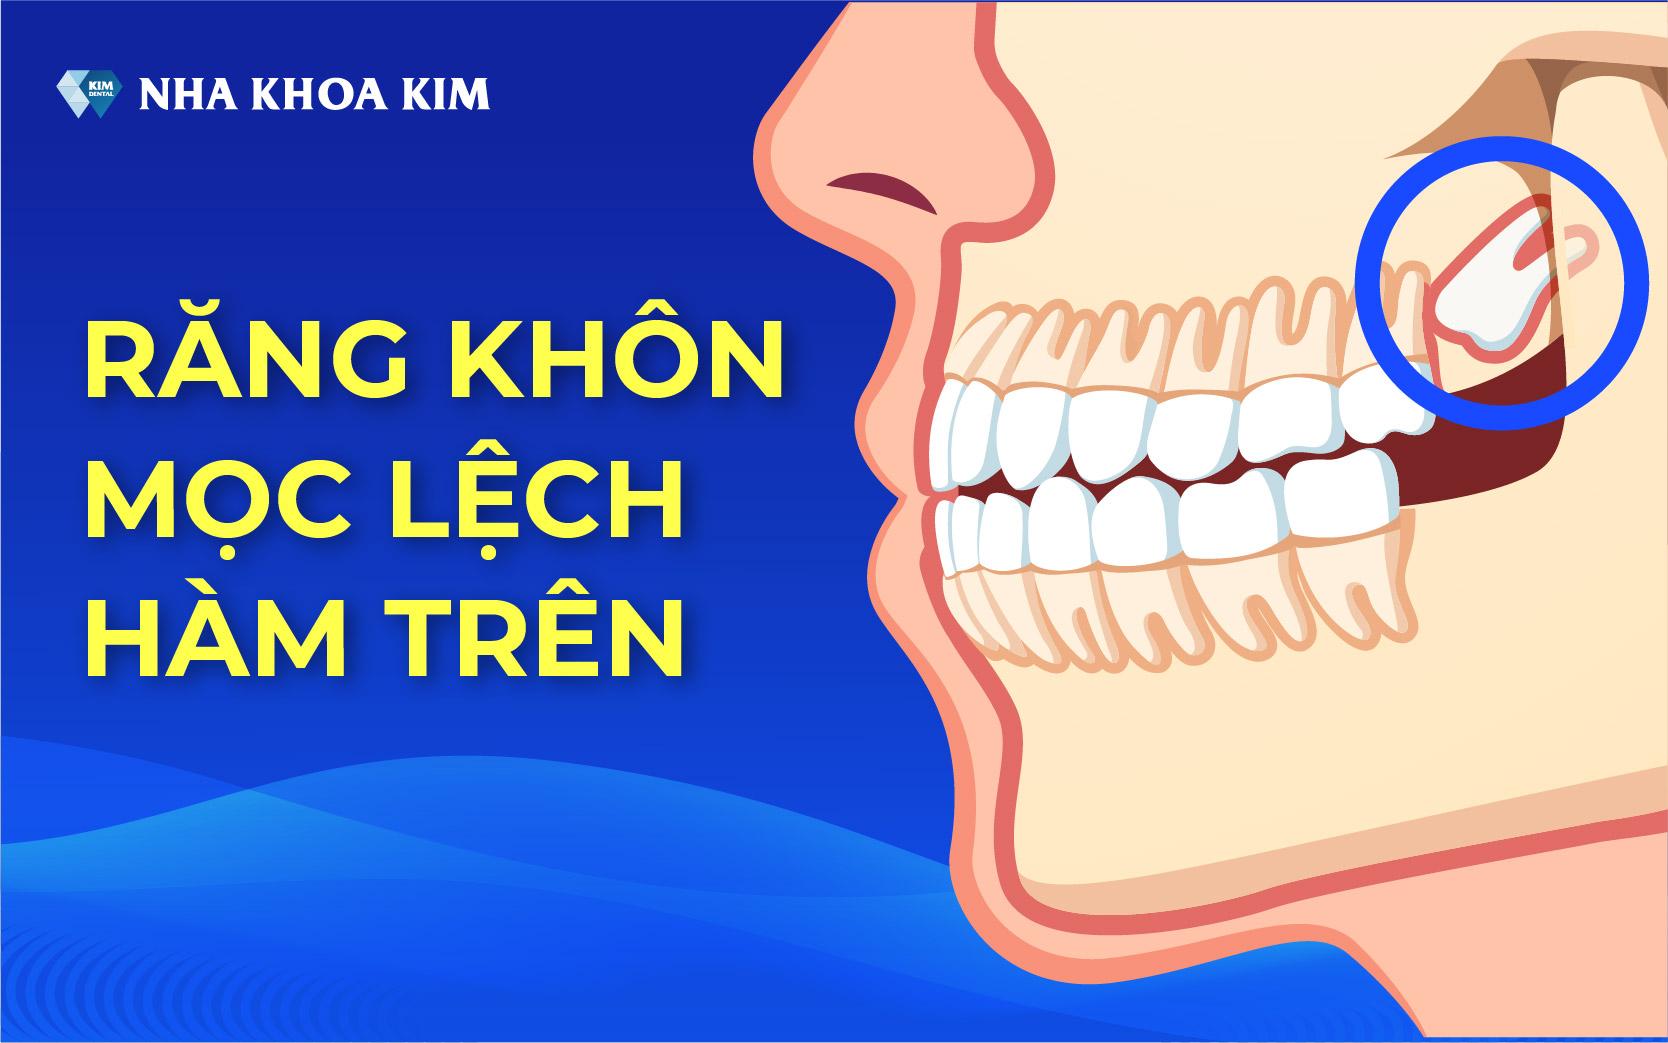 rang-khon-moc-lech-ham-tren